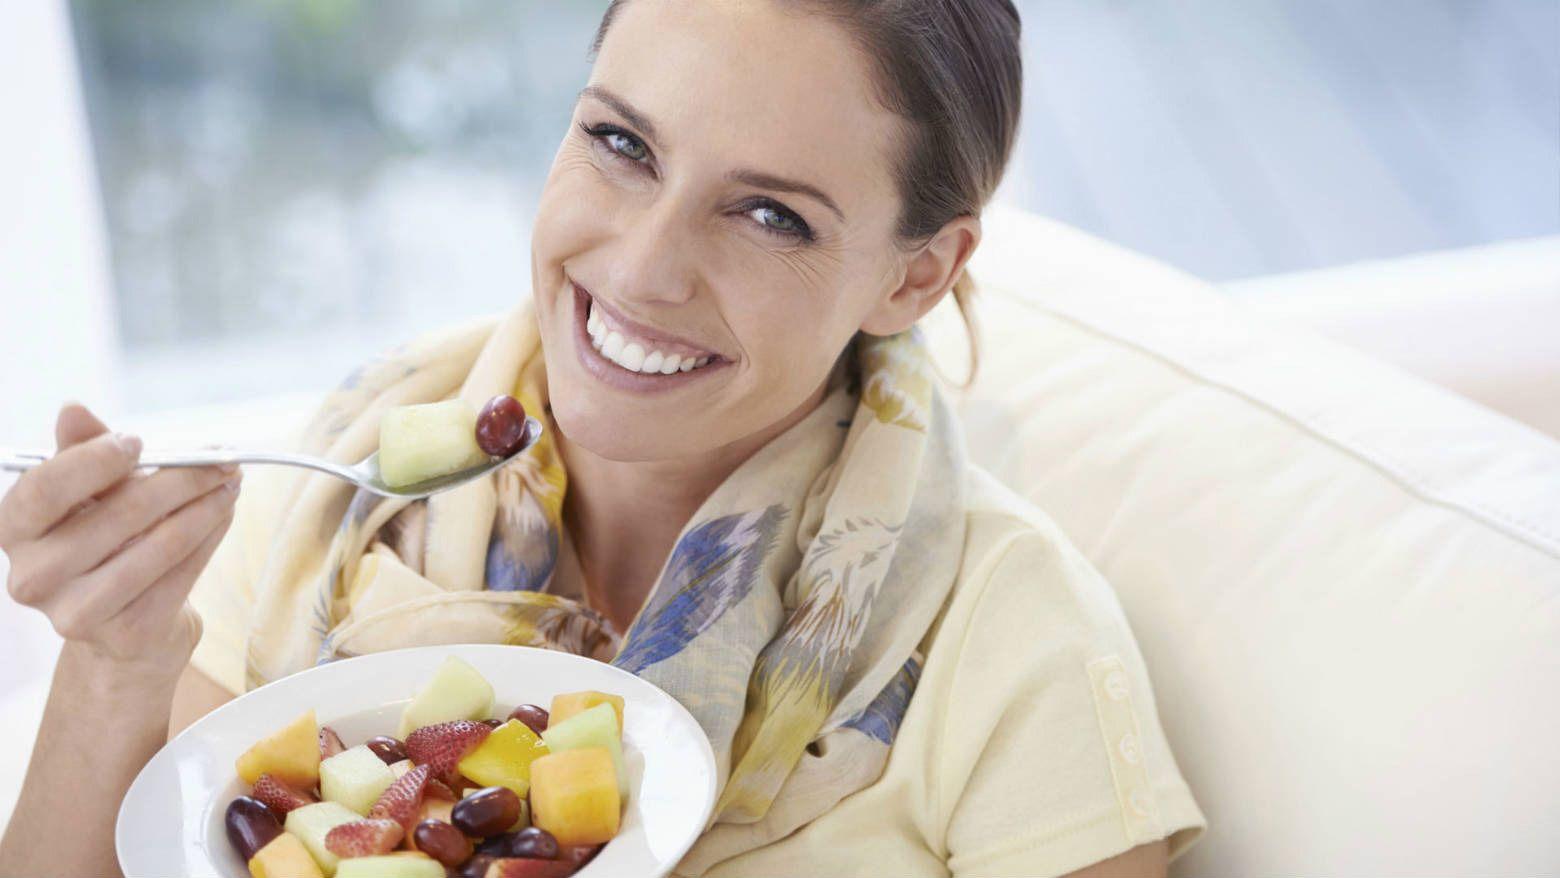 Здорова їжа